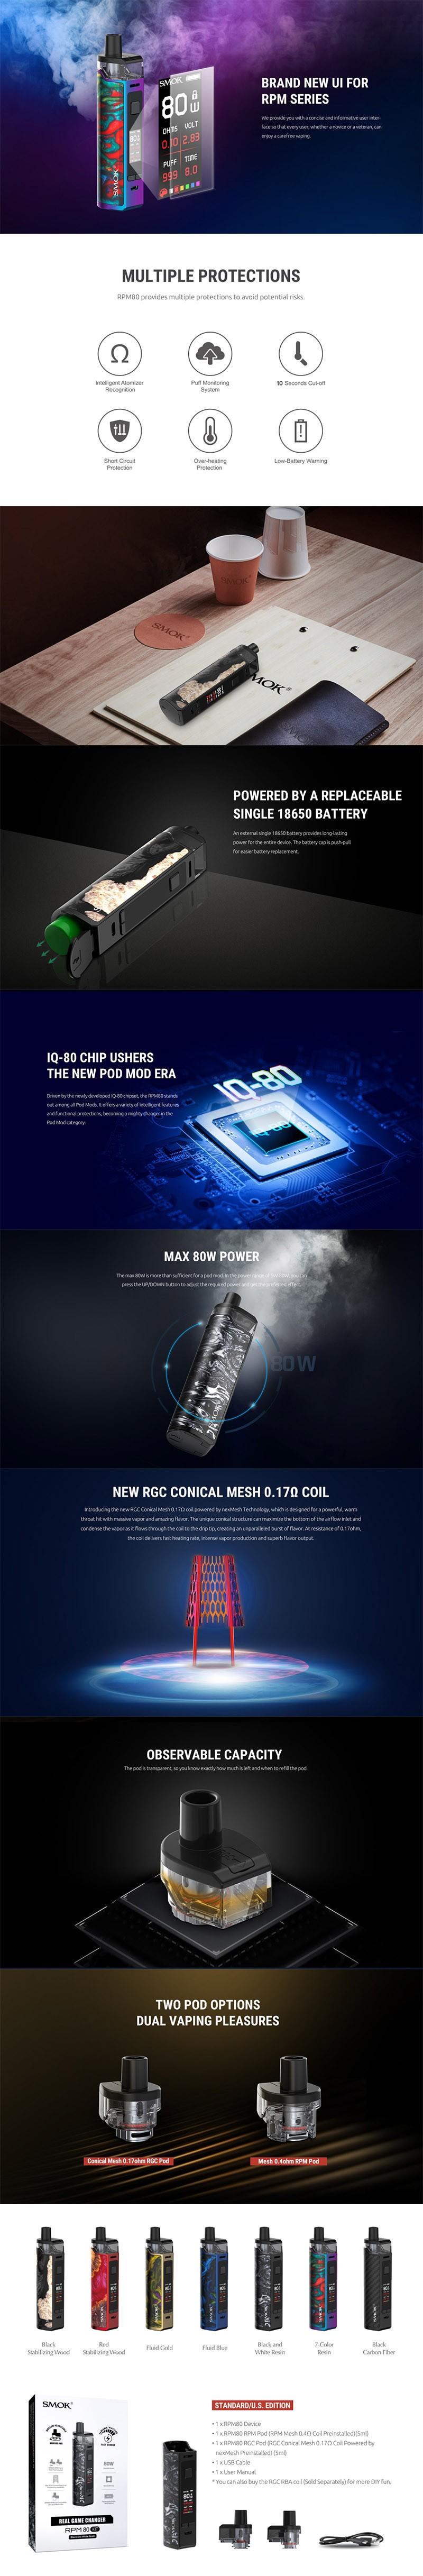 SMOKTech SMOK RPM80 80W VV VW Mod Pod System Vape Starter Kit w/ IQ-80 Chip